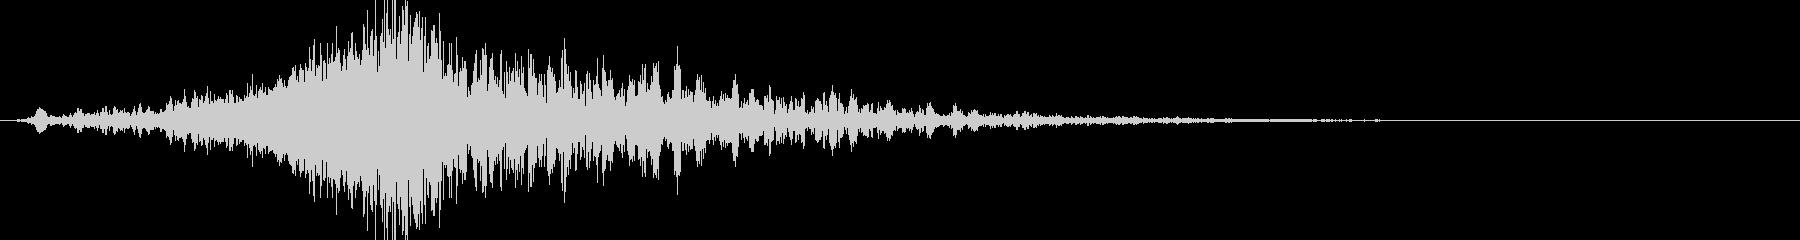 ヒューン:ワープする音/時飛ばしの未再生の波形